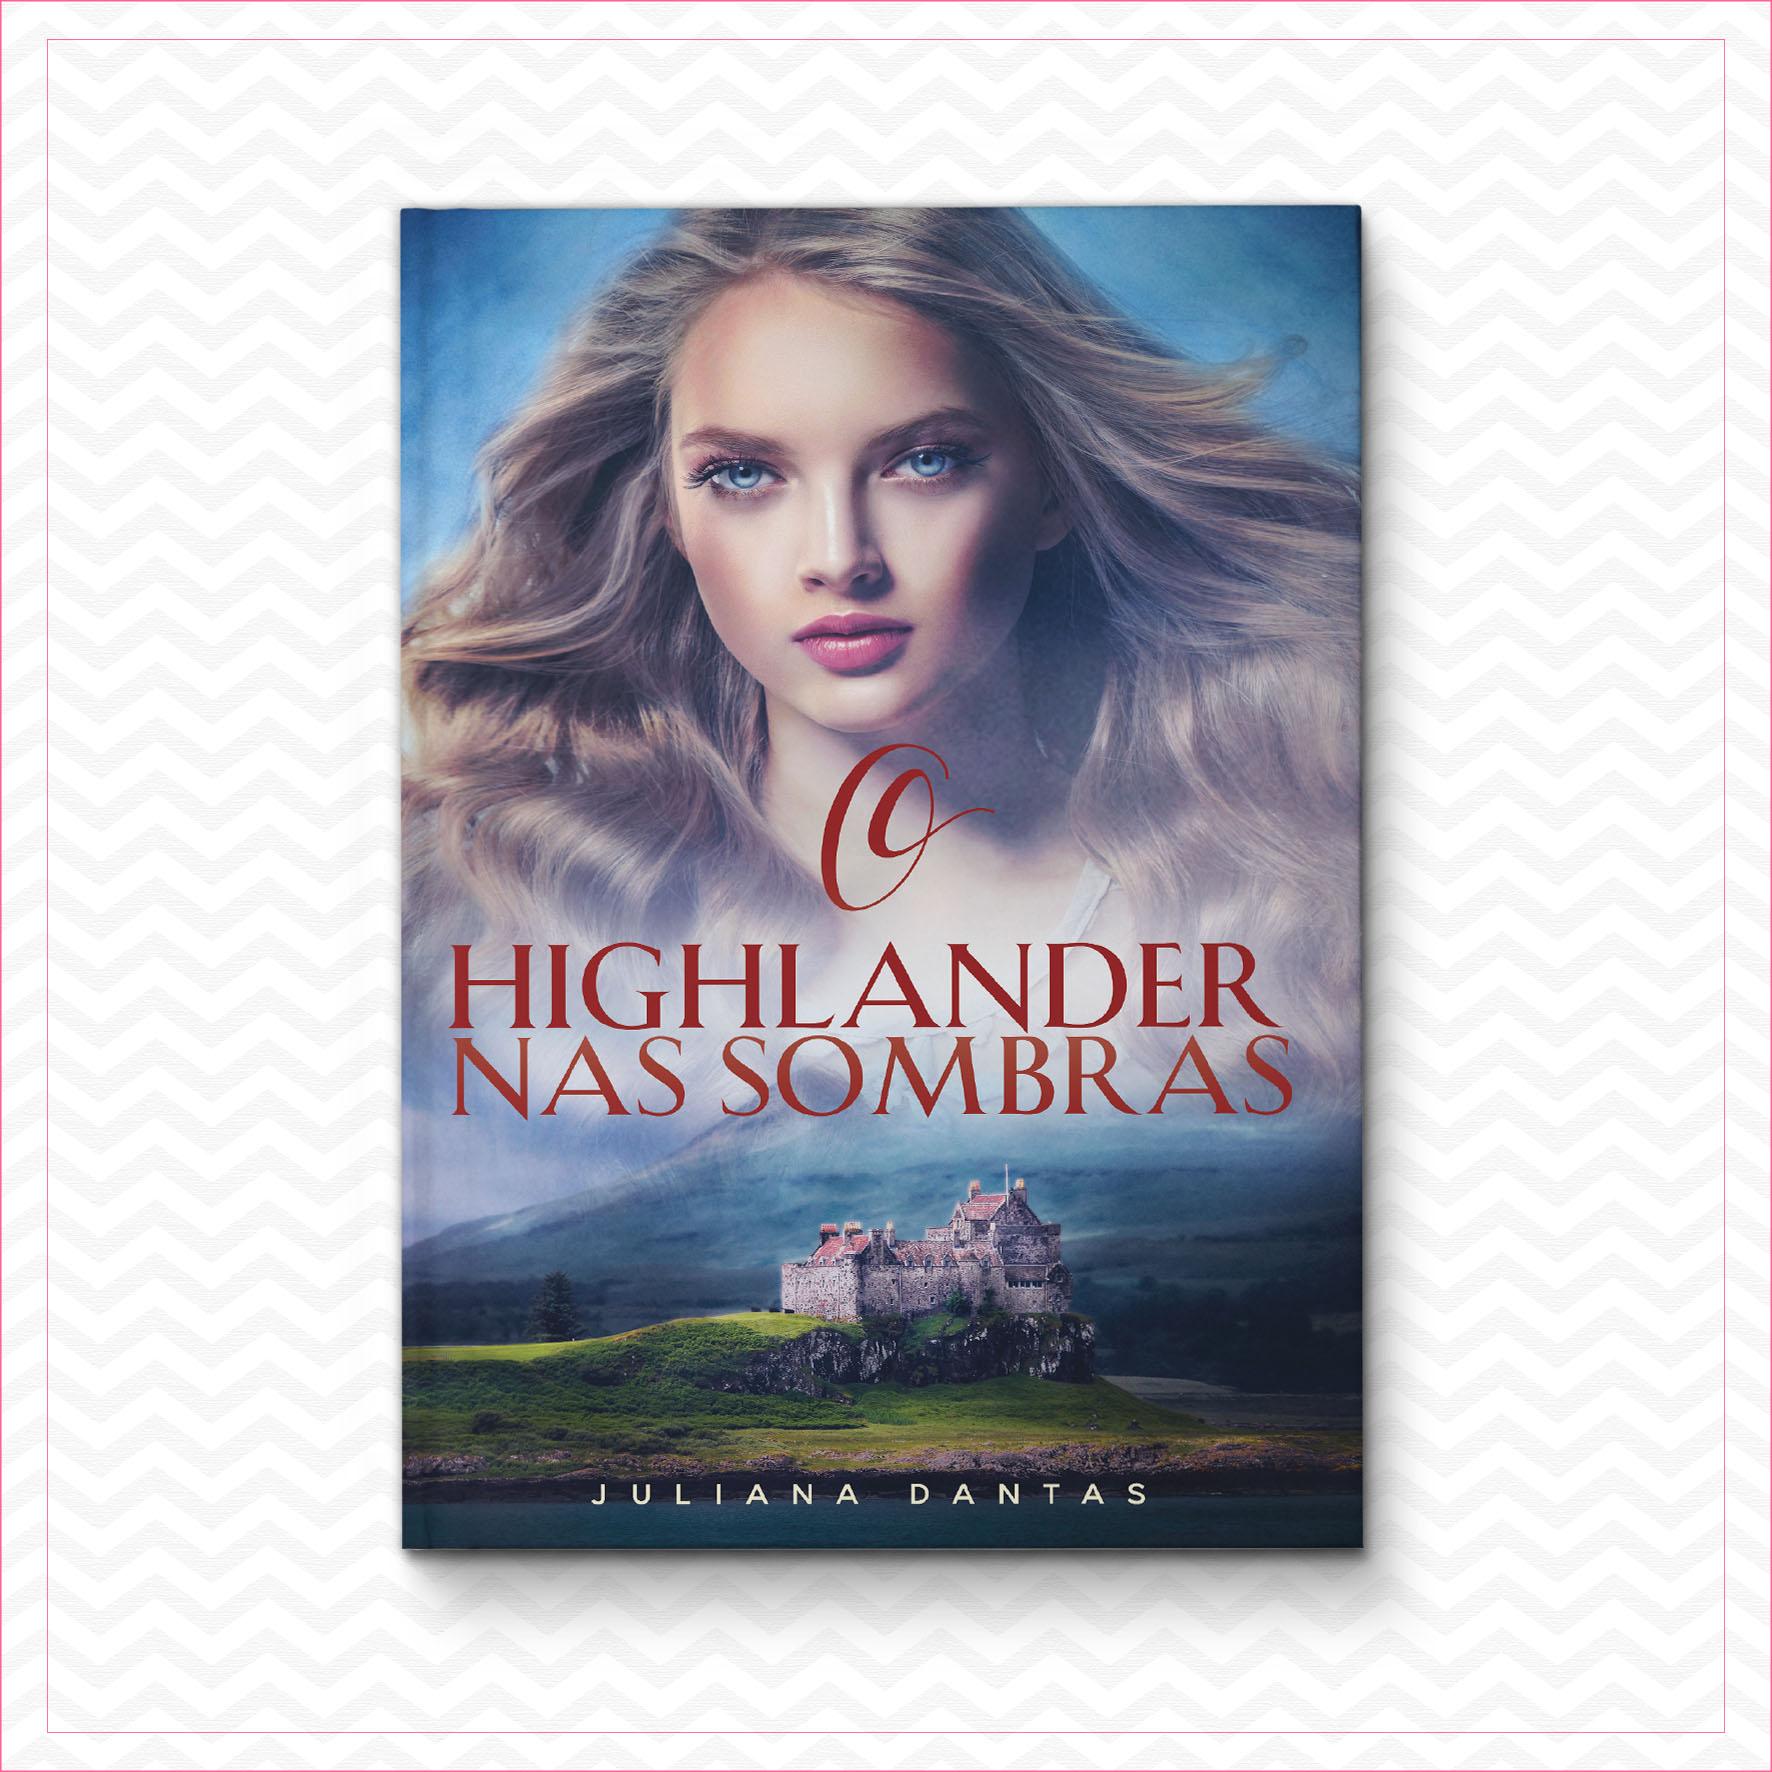 O Highlander nas sombras – Juliana Dantas